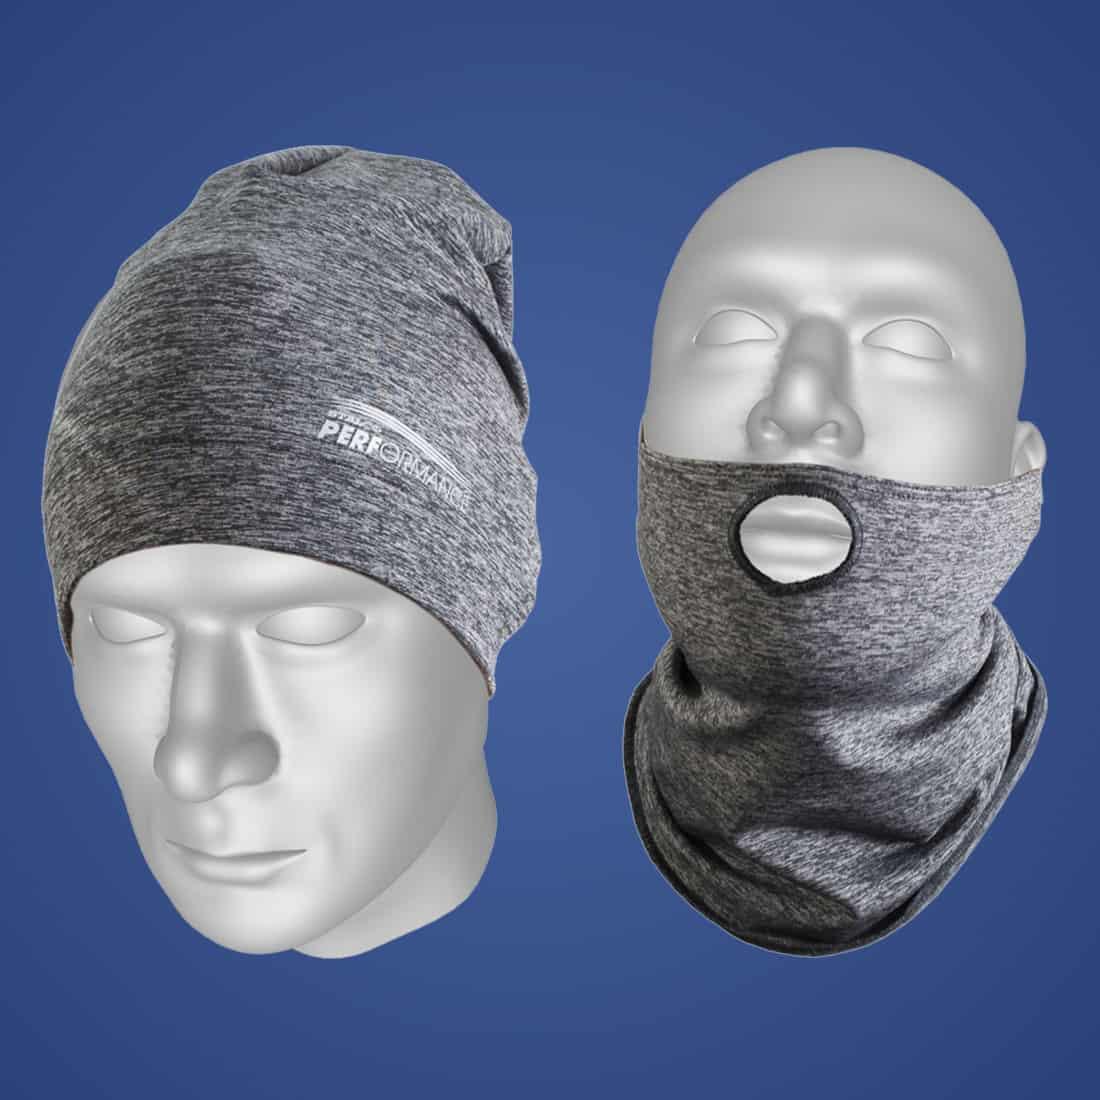 czapka termoaktywna PERFORMANCE_S-79001_blue